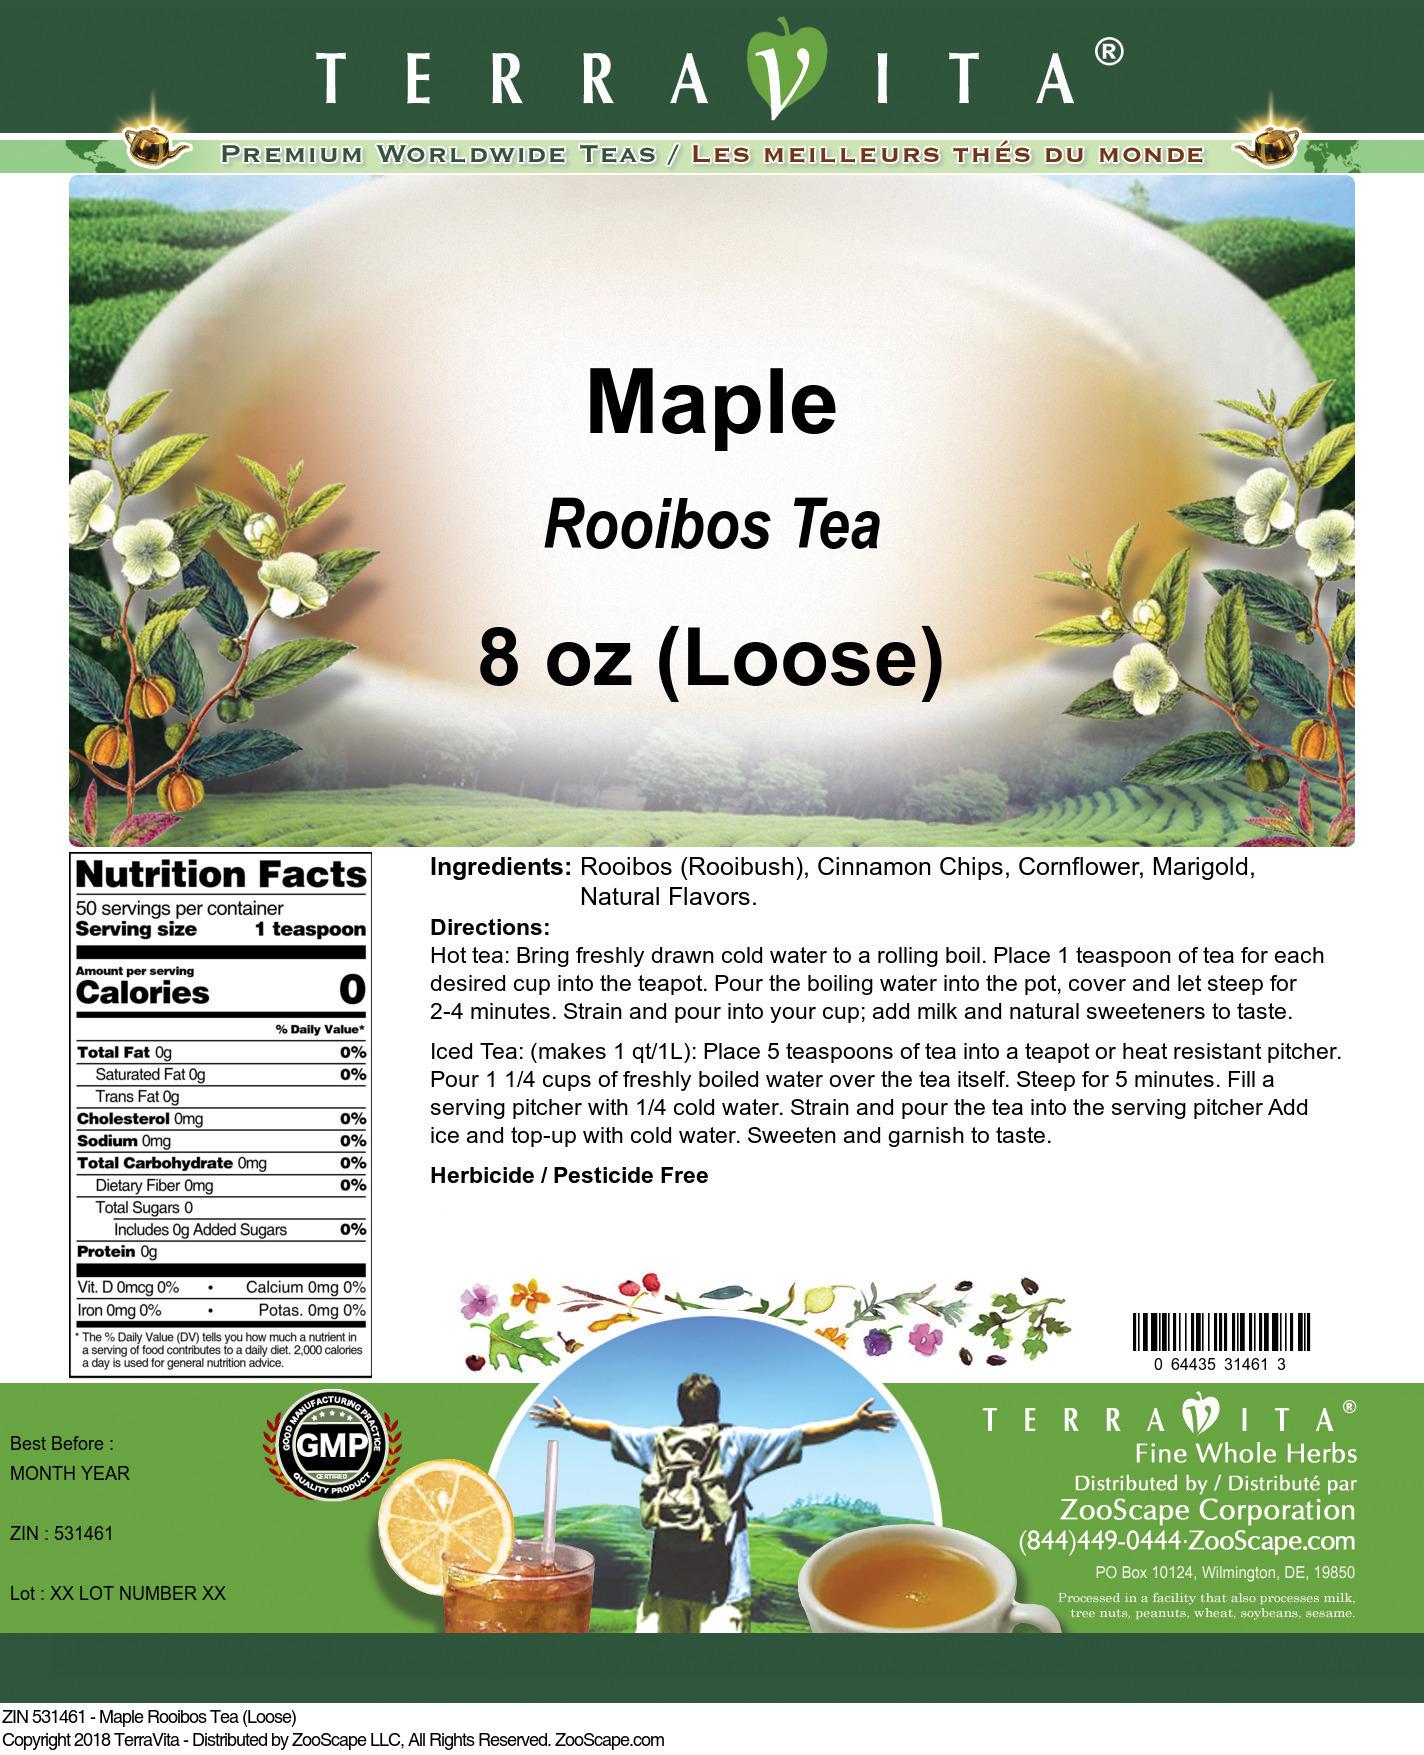 Maple Rooibos Tea (Loose)